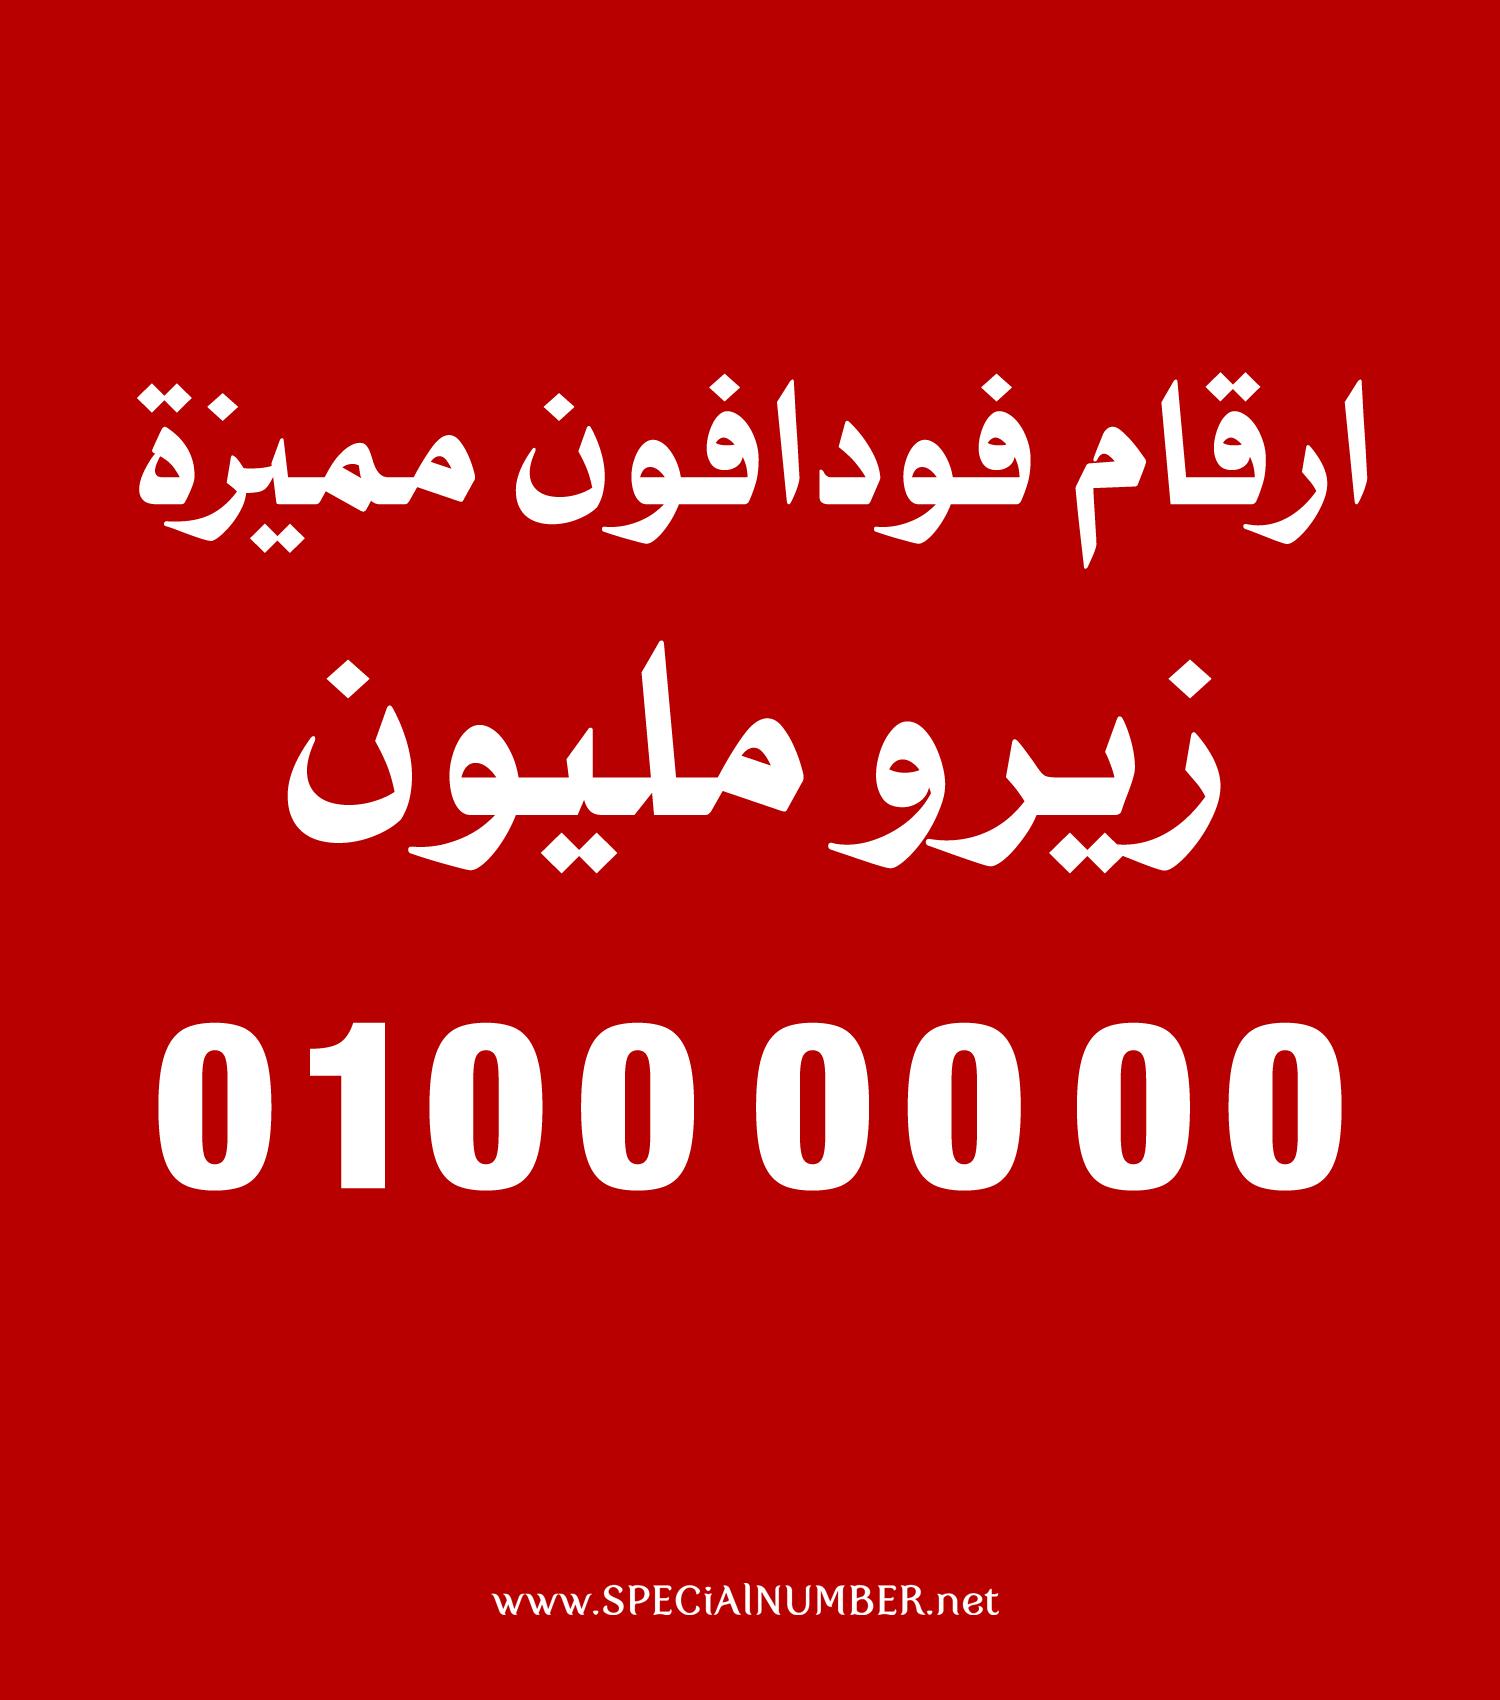 ارقام فودافون زيرو مليون 01000000 واحد و 6 اصفار